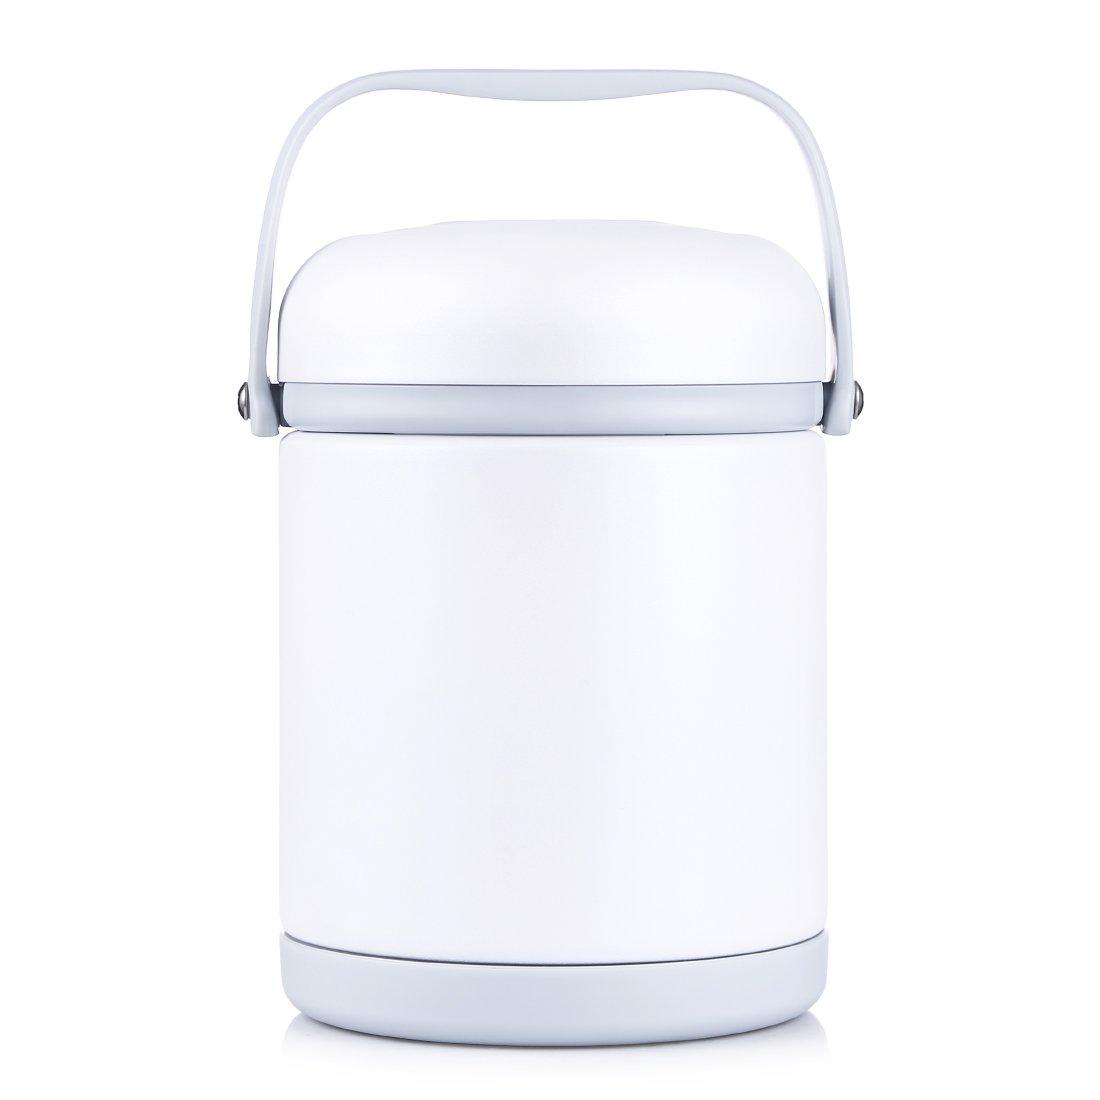 Oneisall GYBL116450ml Delizioso contenitore alimentare termico con cucchiaio ripiegabile e manico robusto, in acciaio inox per cibo e zuppa per bambini, 384g Gold 384g Gold Huizhou Weifan trading CO. ltd. GYBL116004